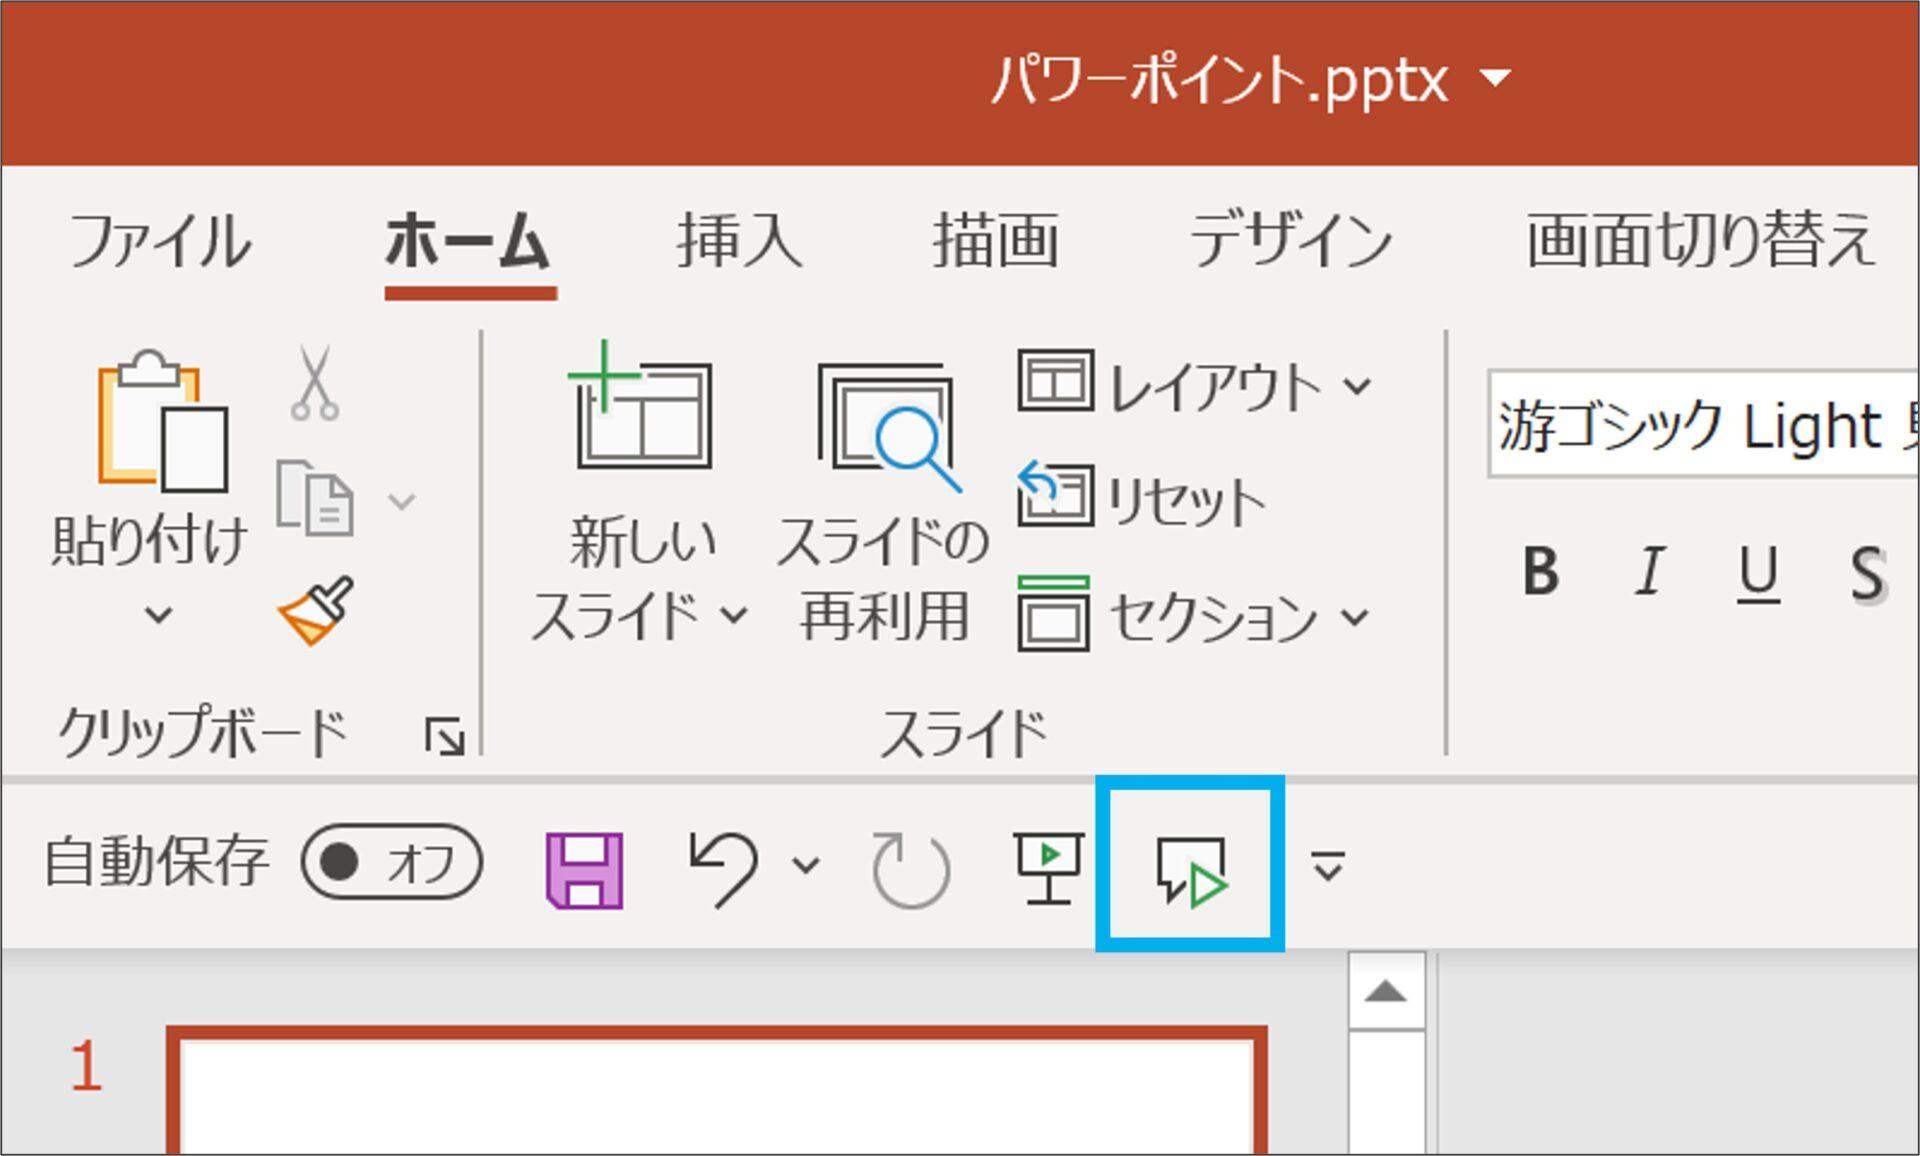 クイックアクセスツールバーに読み上げが追加されている